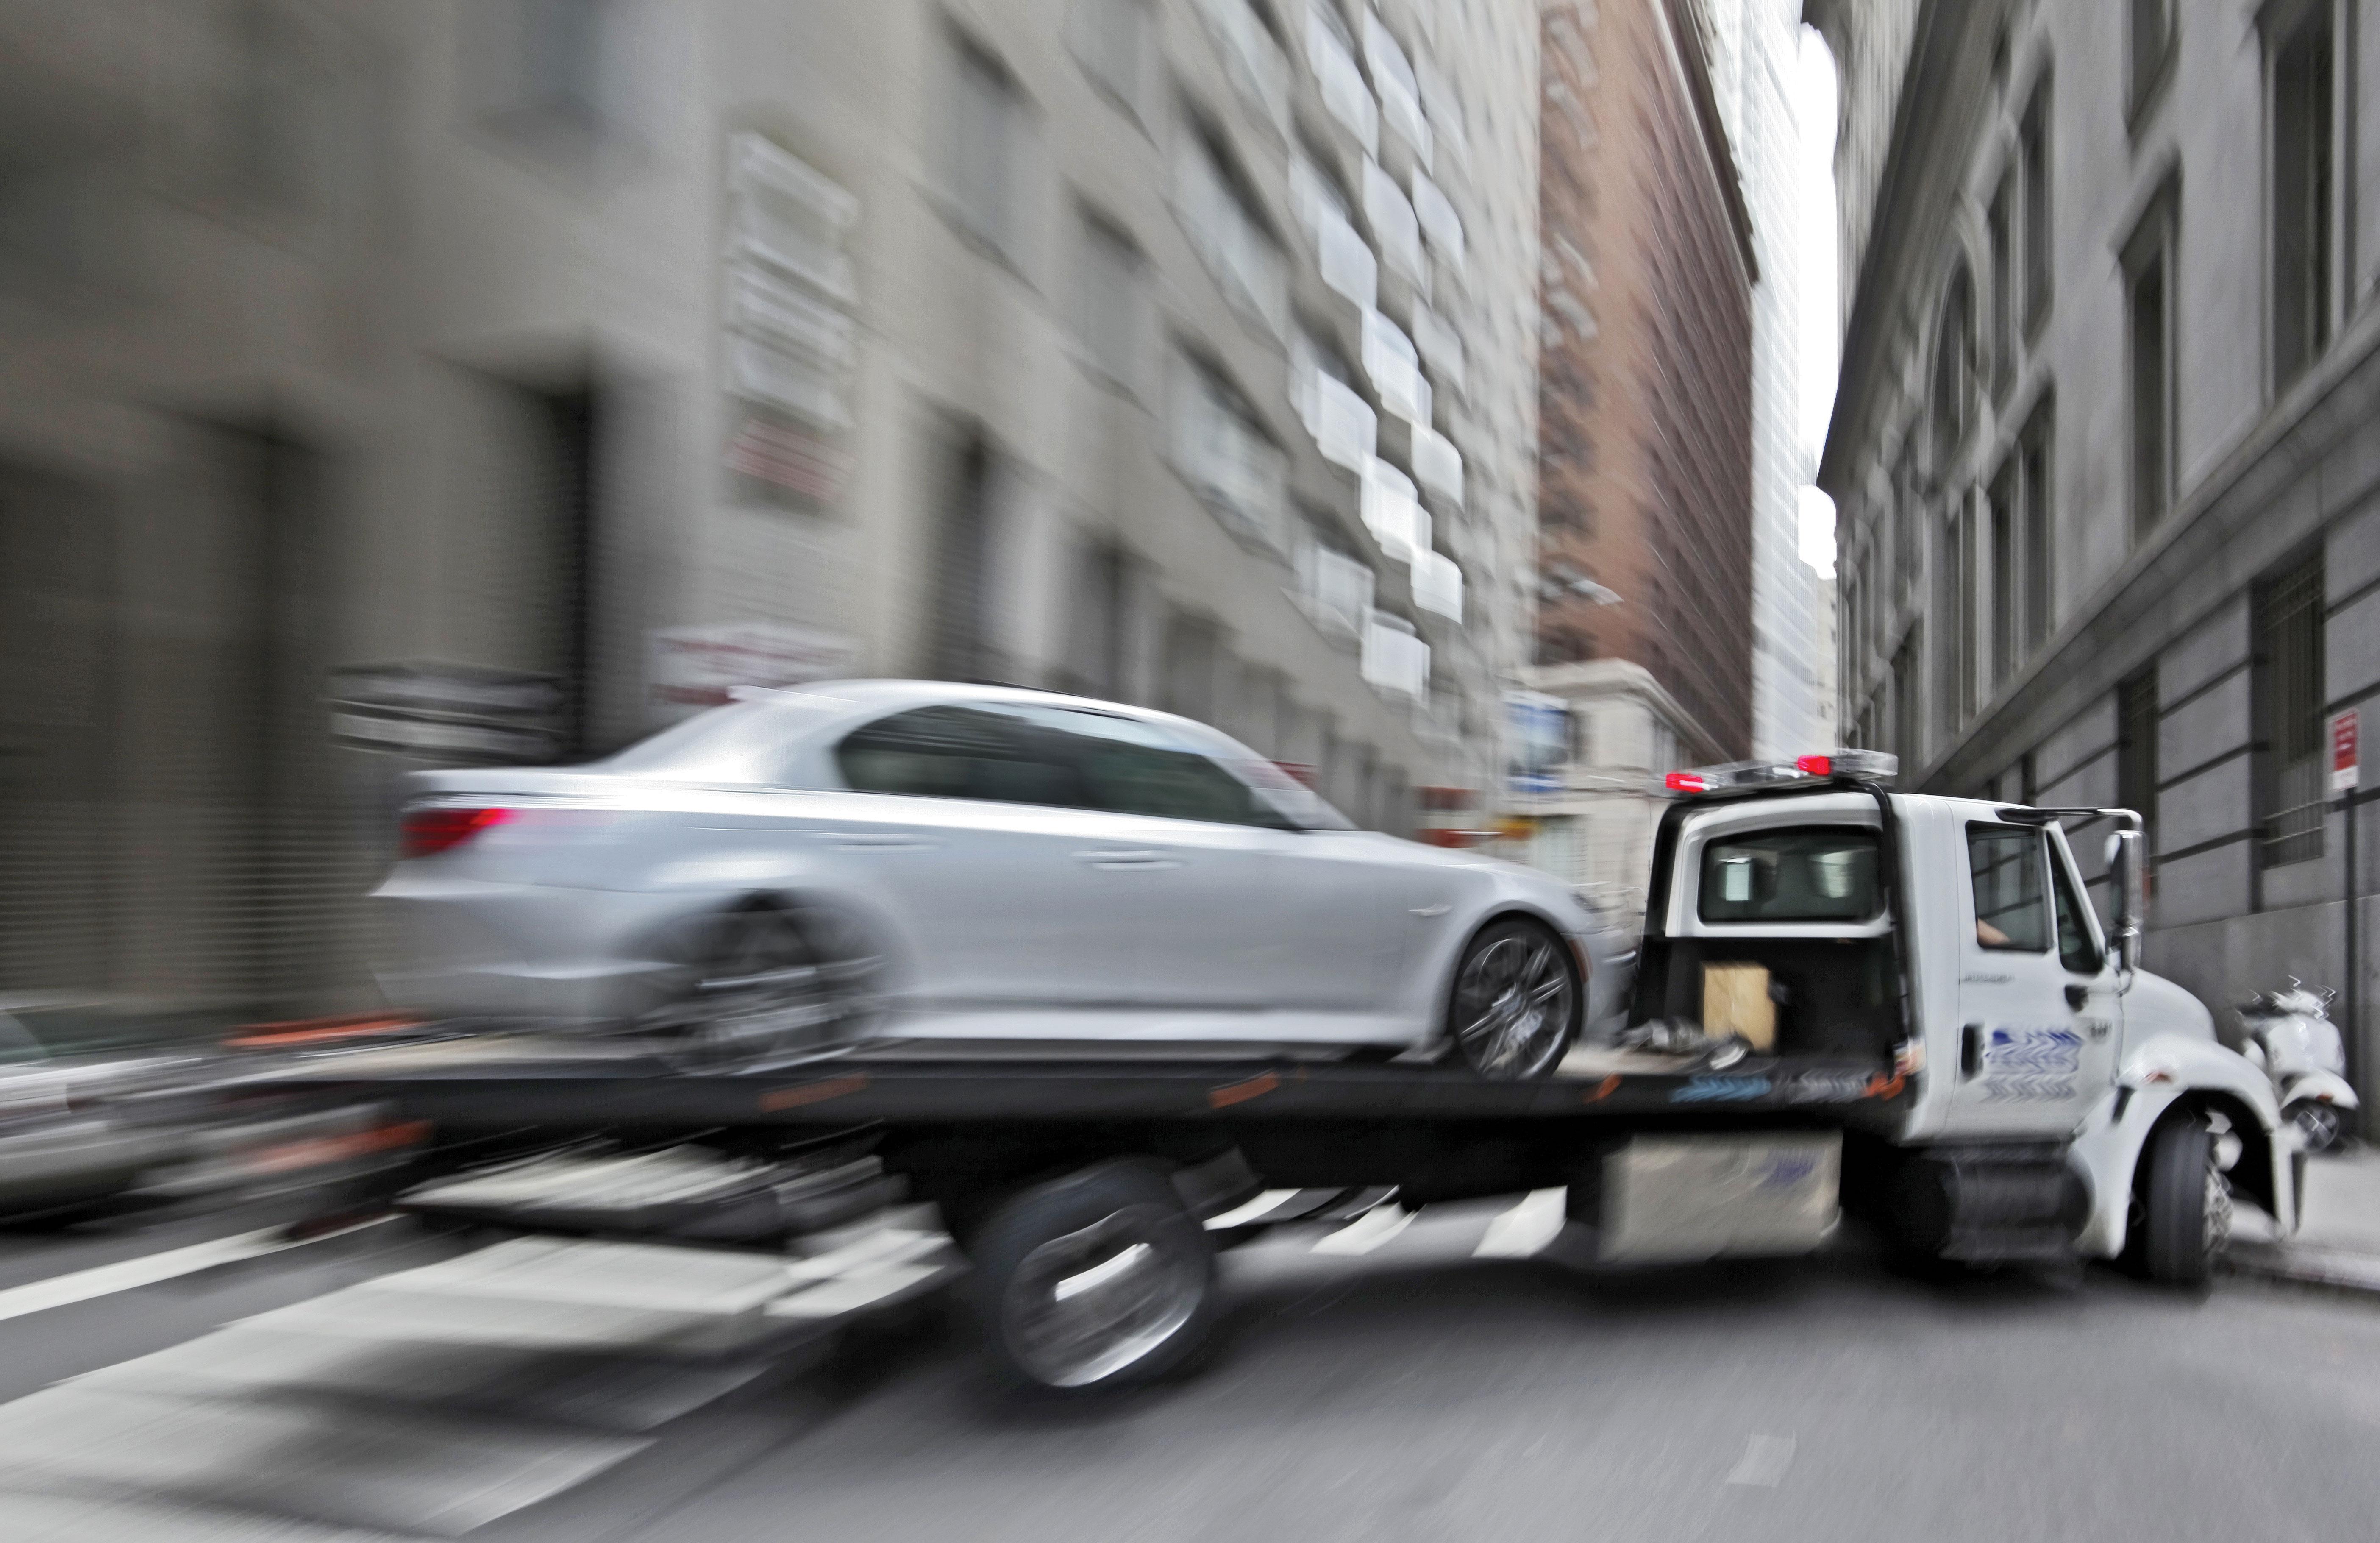 неотложная эвакуация вашего авто